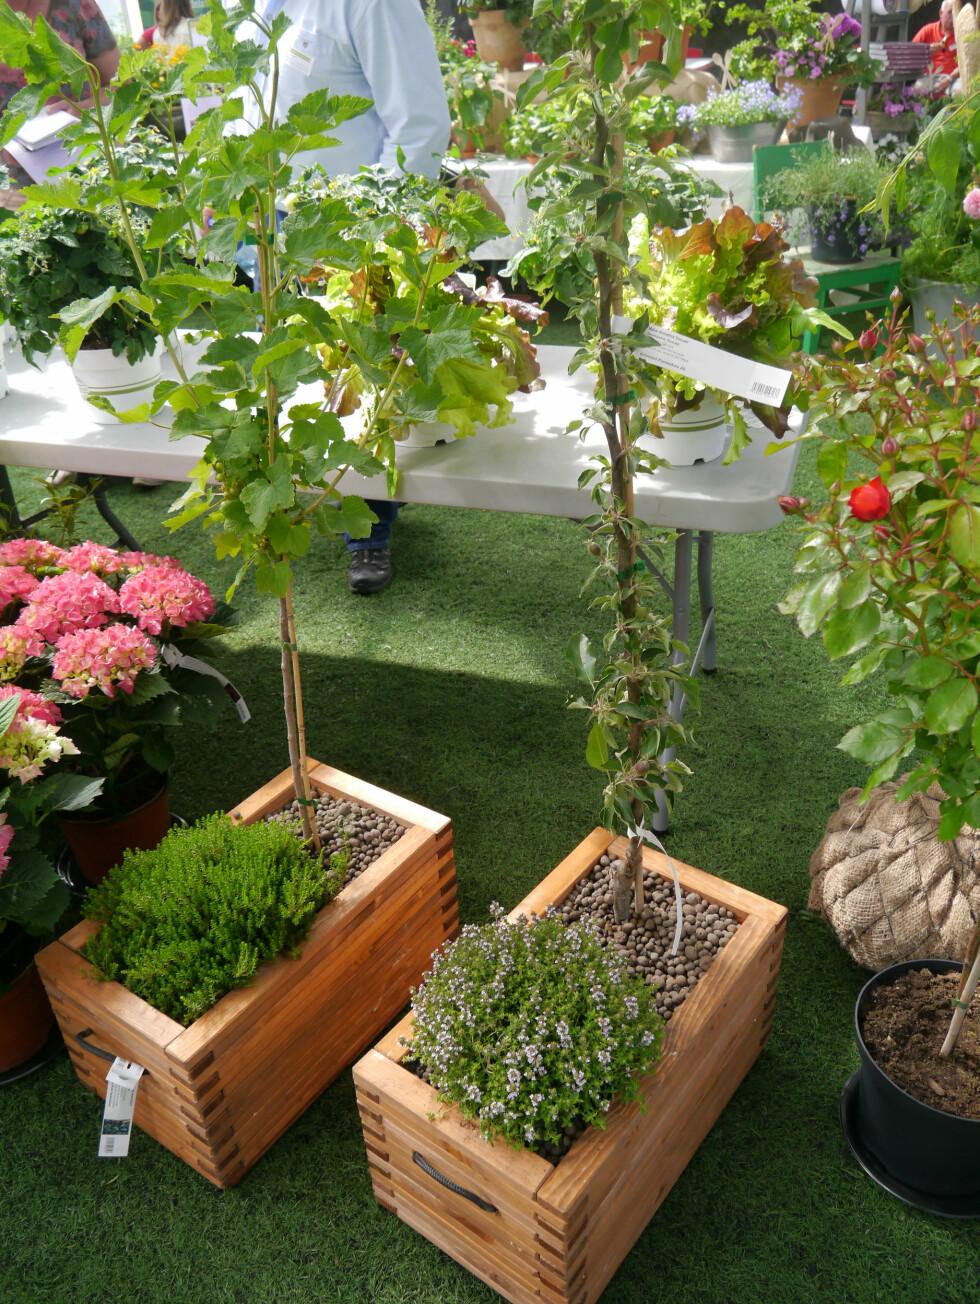 <strong><b>PLANT I KASSER:</strong></b> Det er ingenting i veien for å plante frukttær og bærbusker i kasser på terrassen. Det finnes også spesielle balkongtrær utviklet for å tåle livet i en balkongkasse bedre. Foto: OPPLYSNINGKONTORET FOR BLOMSTER OG PLANTER